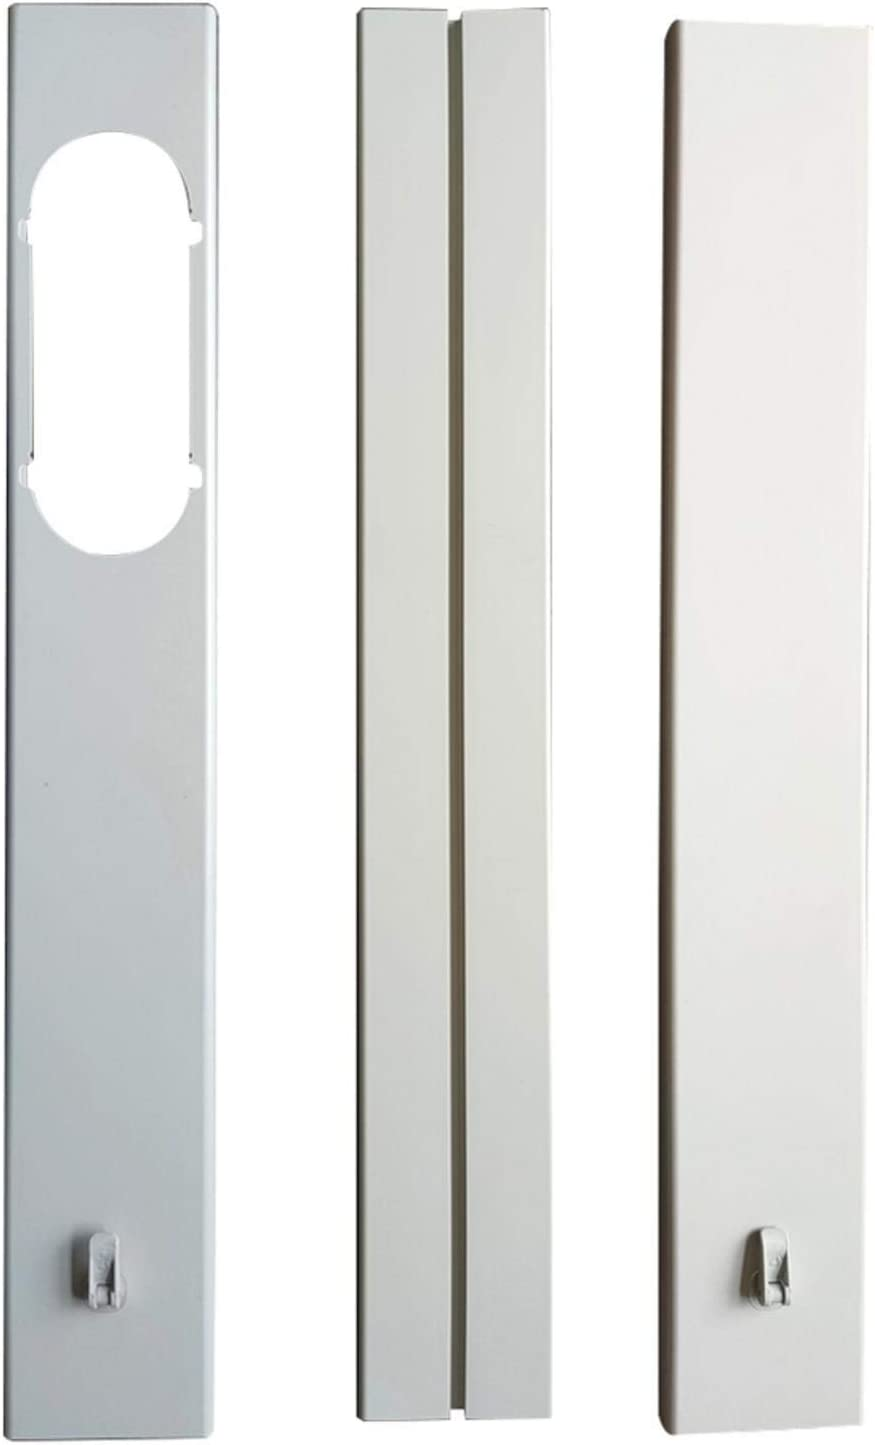 Junta universal para ventanas de aire acondicionado, portátil, ajustable, universal, placa de sellado para ventanas, kit para aire acondicionado, para todos los climatizadores móviles, fácil de montar